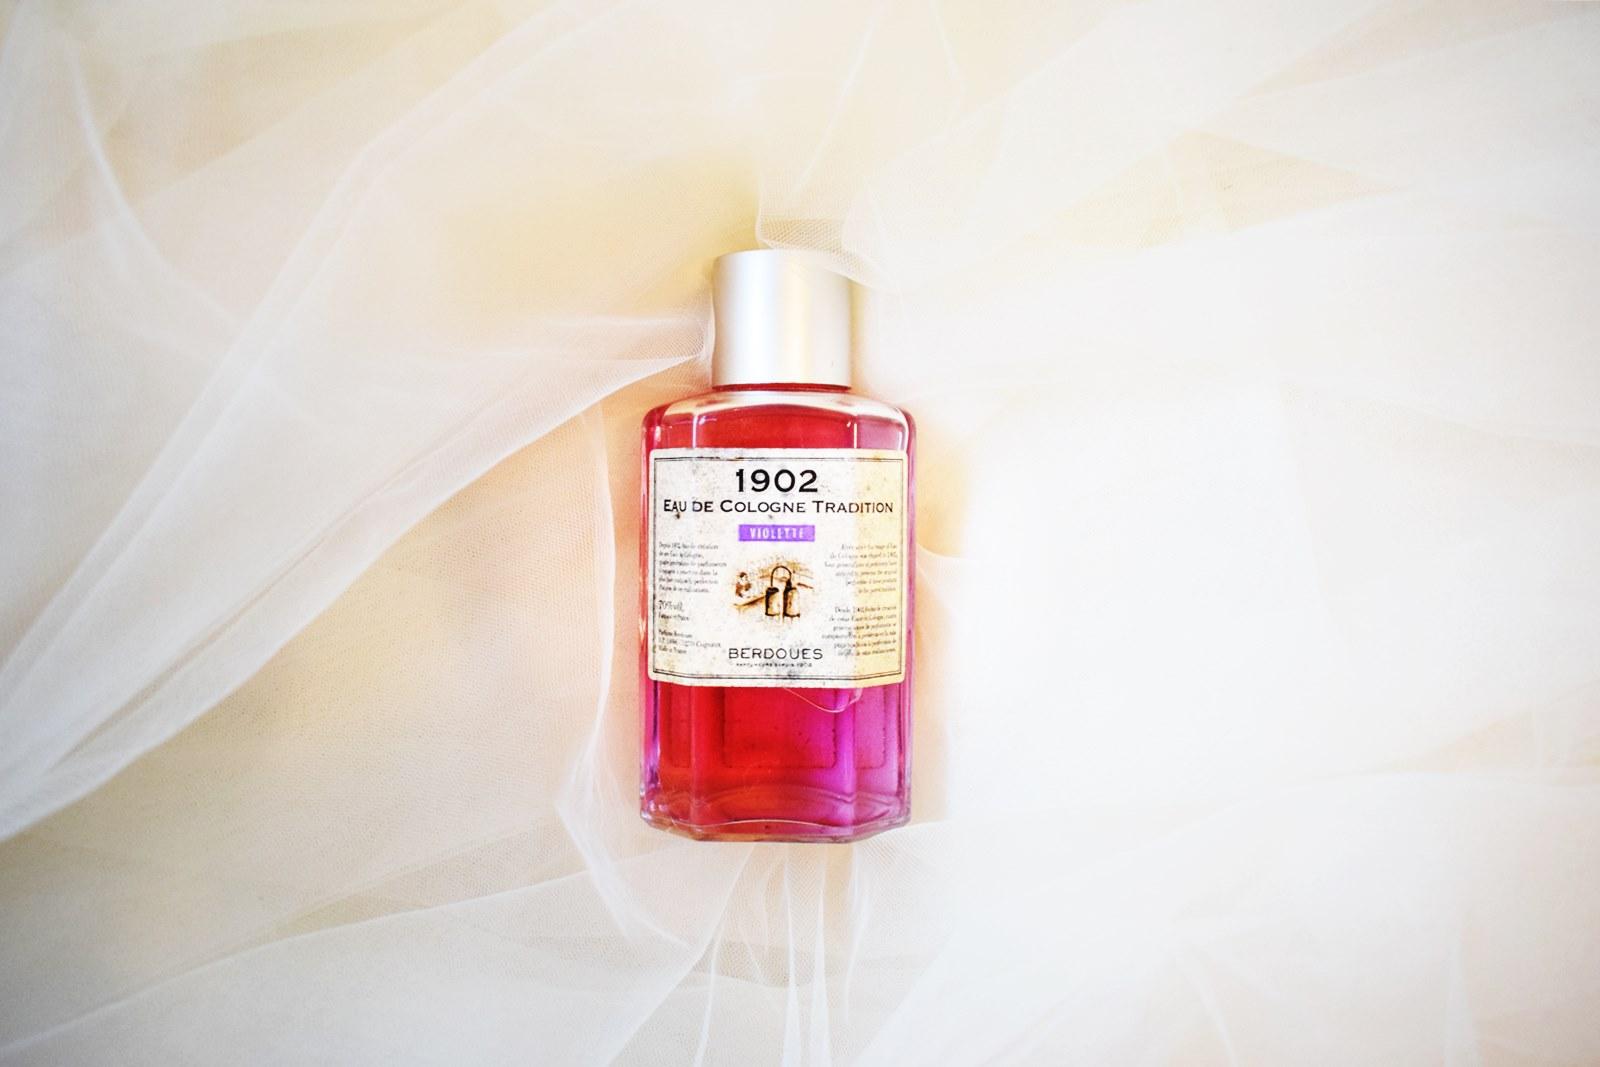 Eau de cologne berdoues violette 1